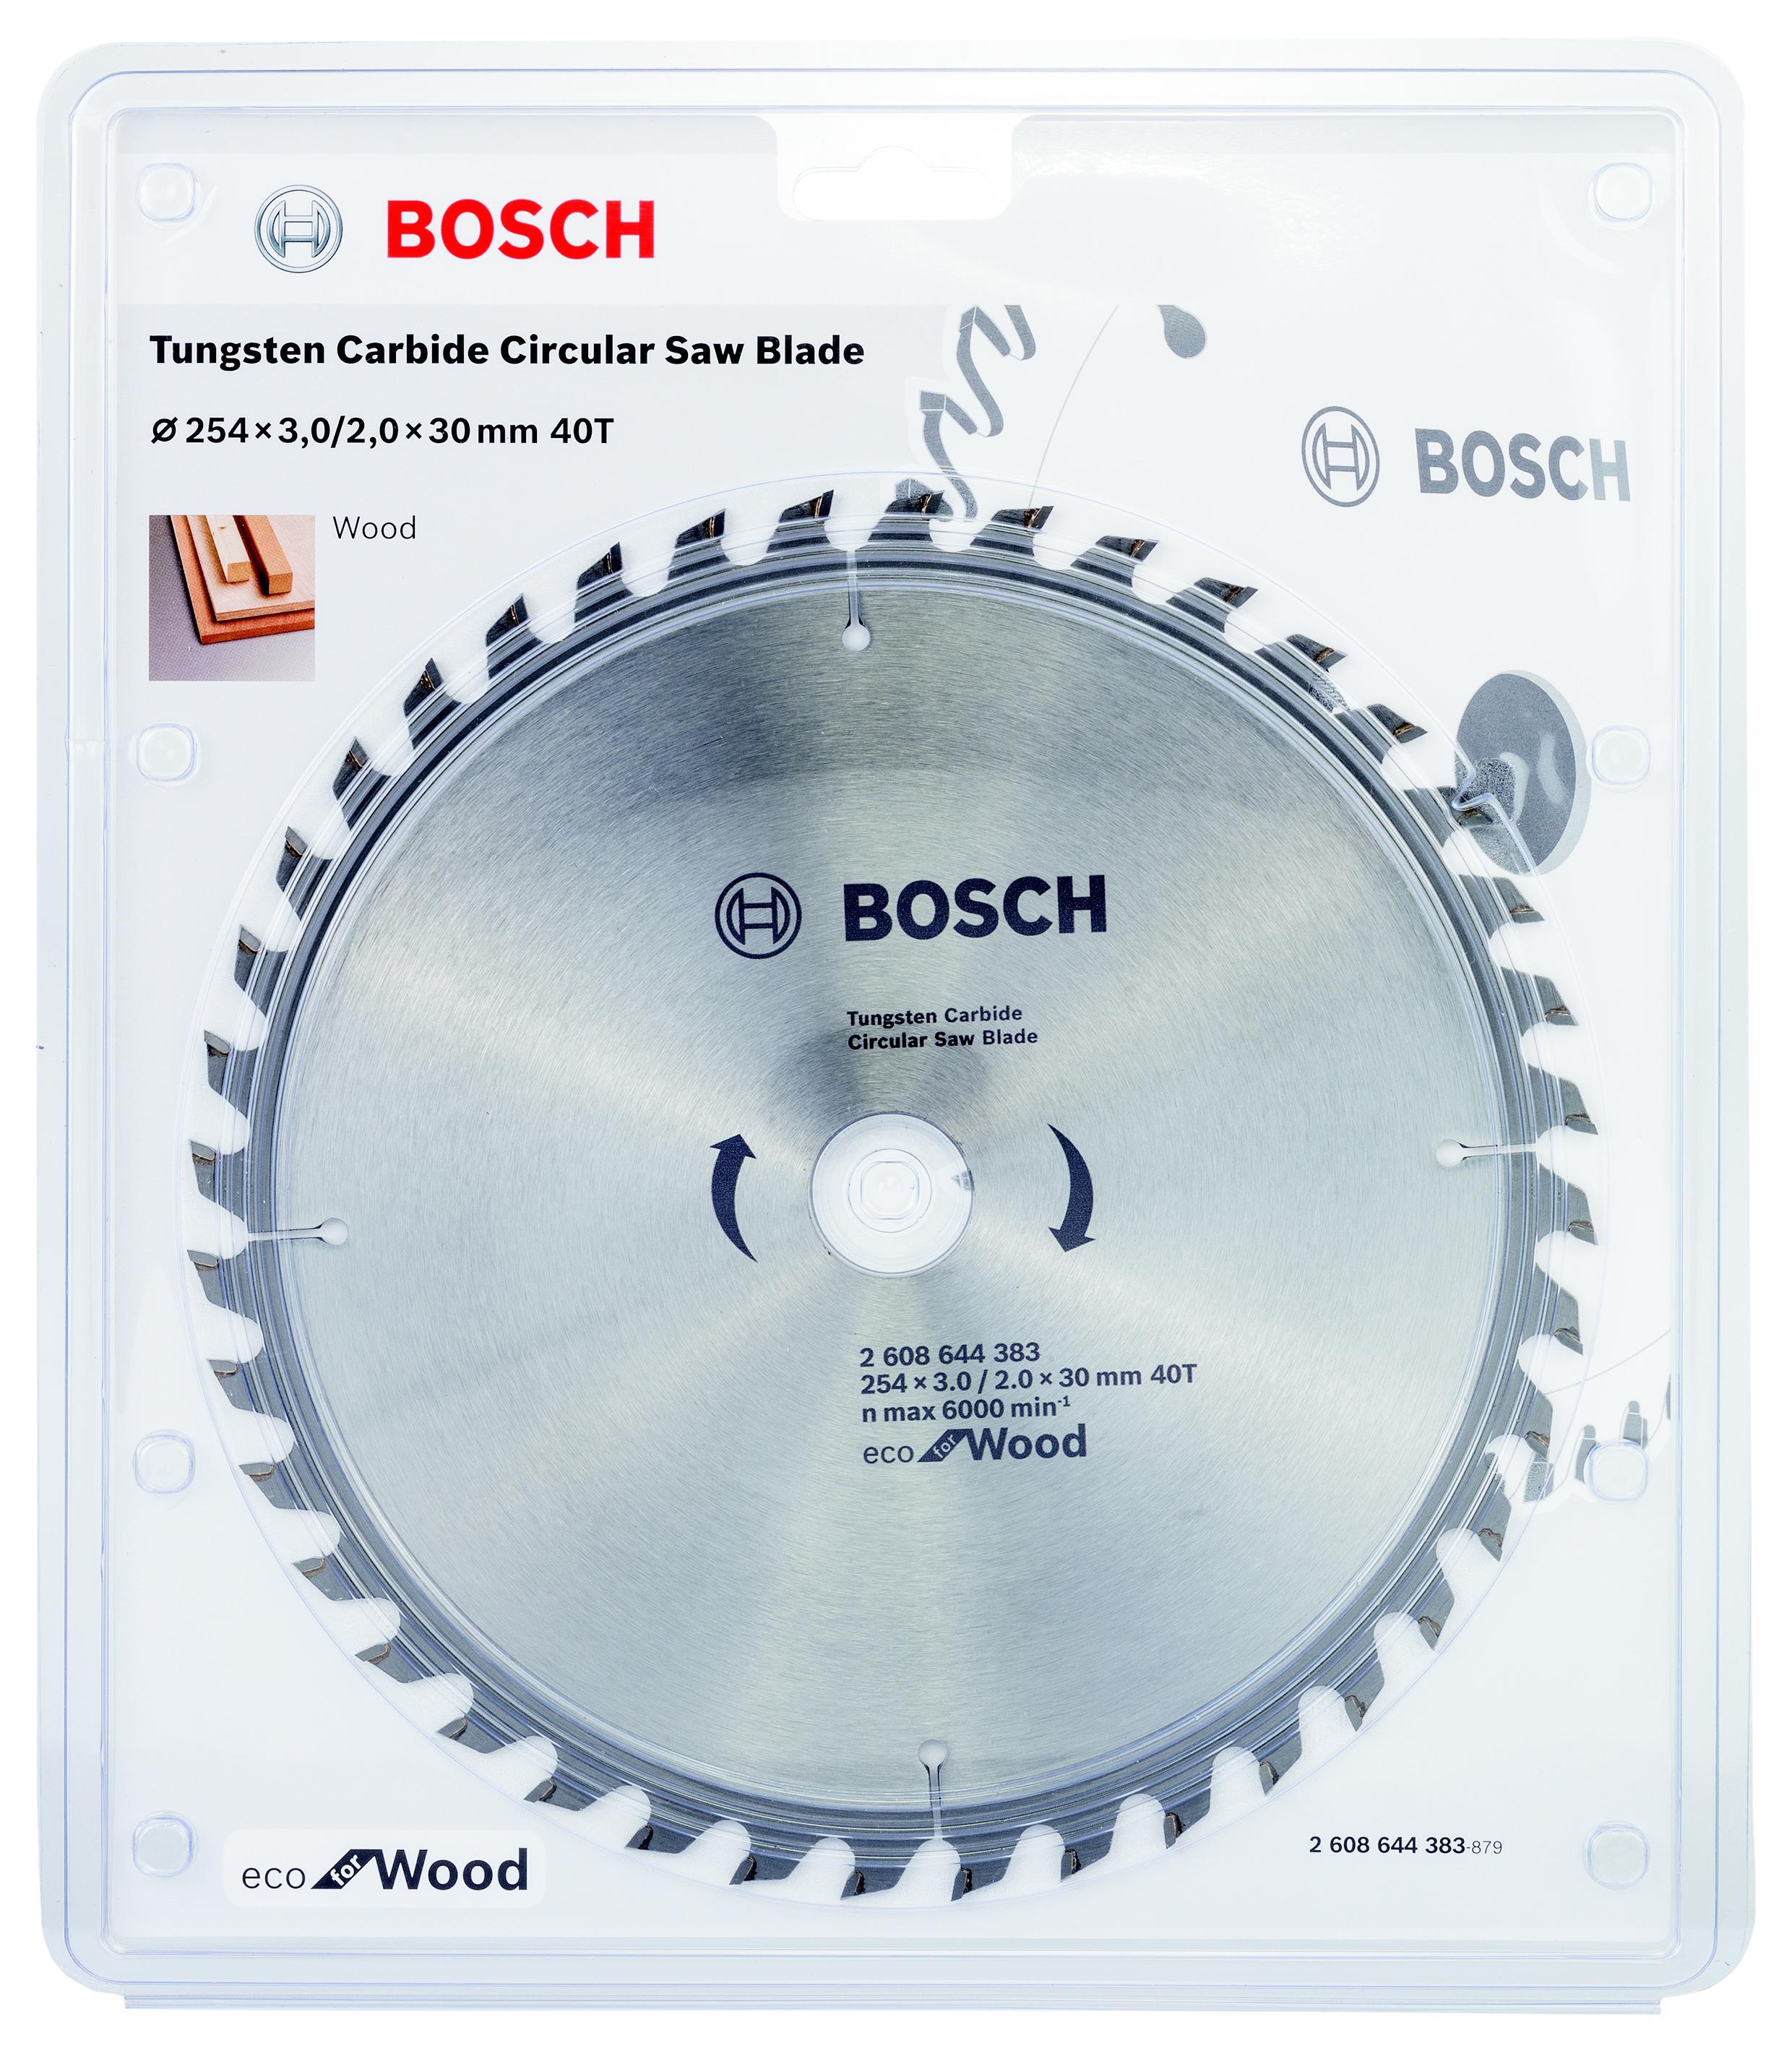 Диск пильный твердосплавный Bosch Eco wo 254x30-40t (2.608.644.383) диск пильный твердосплавный bosch eco wo 254x30 40t 2 608 644 383 по дереву